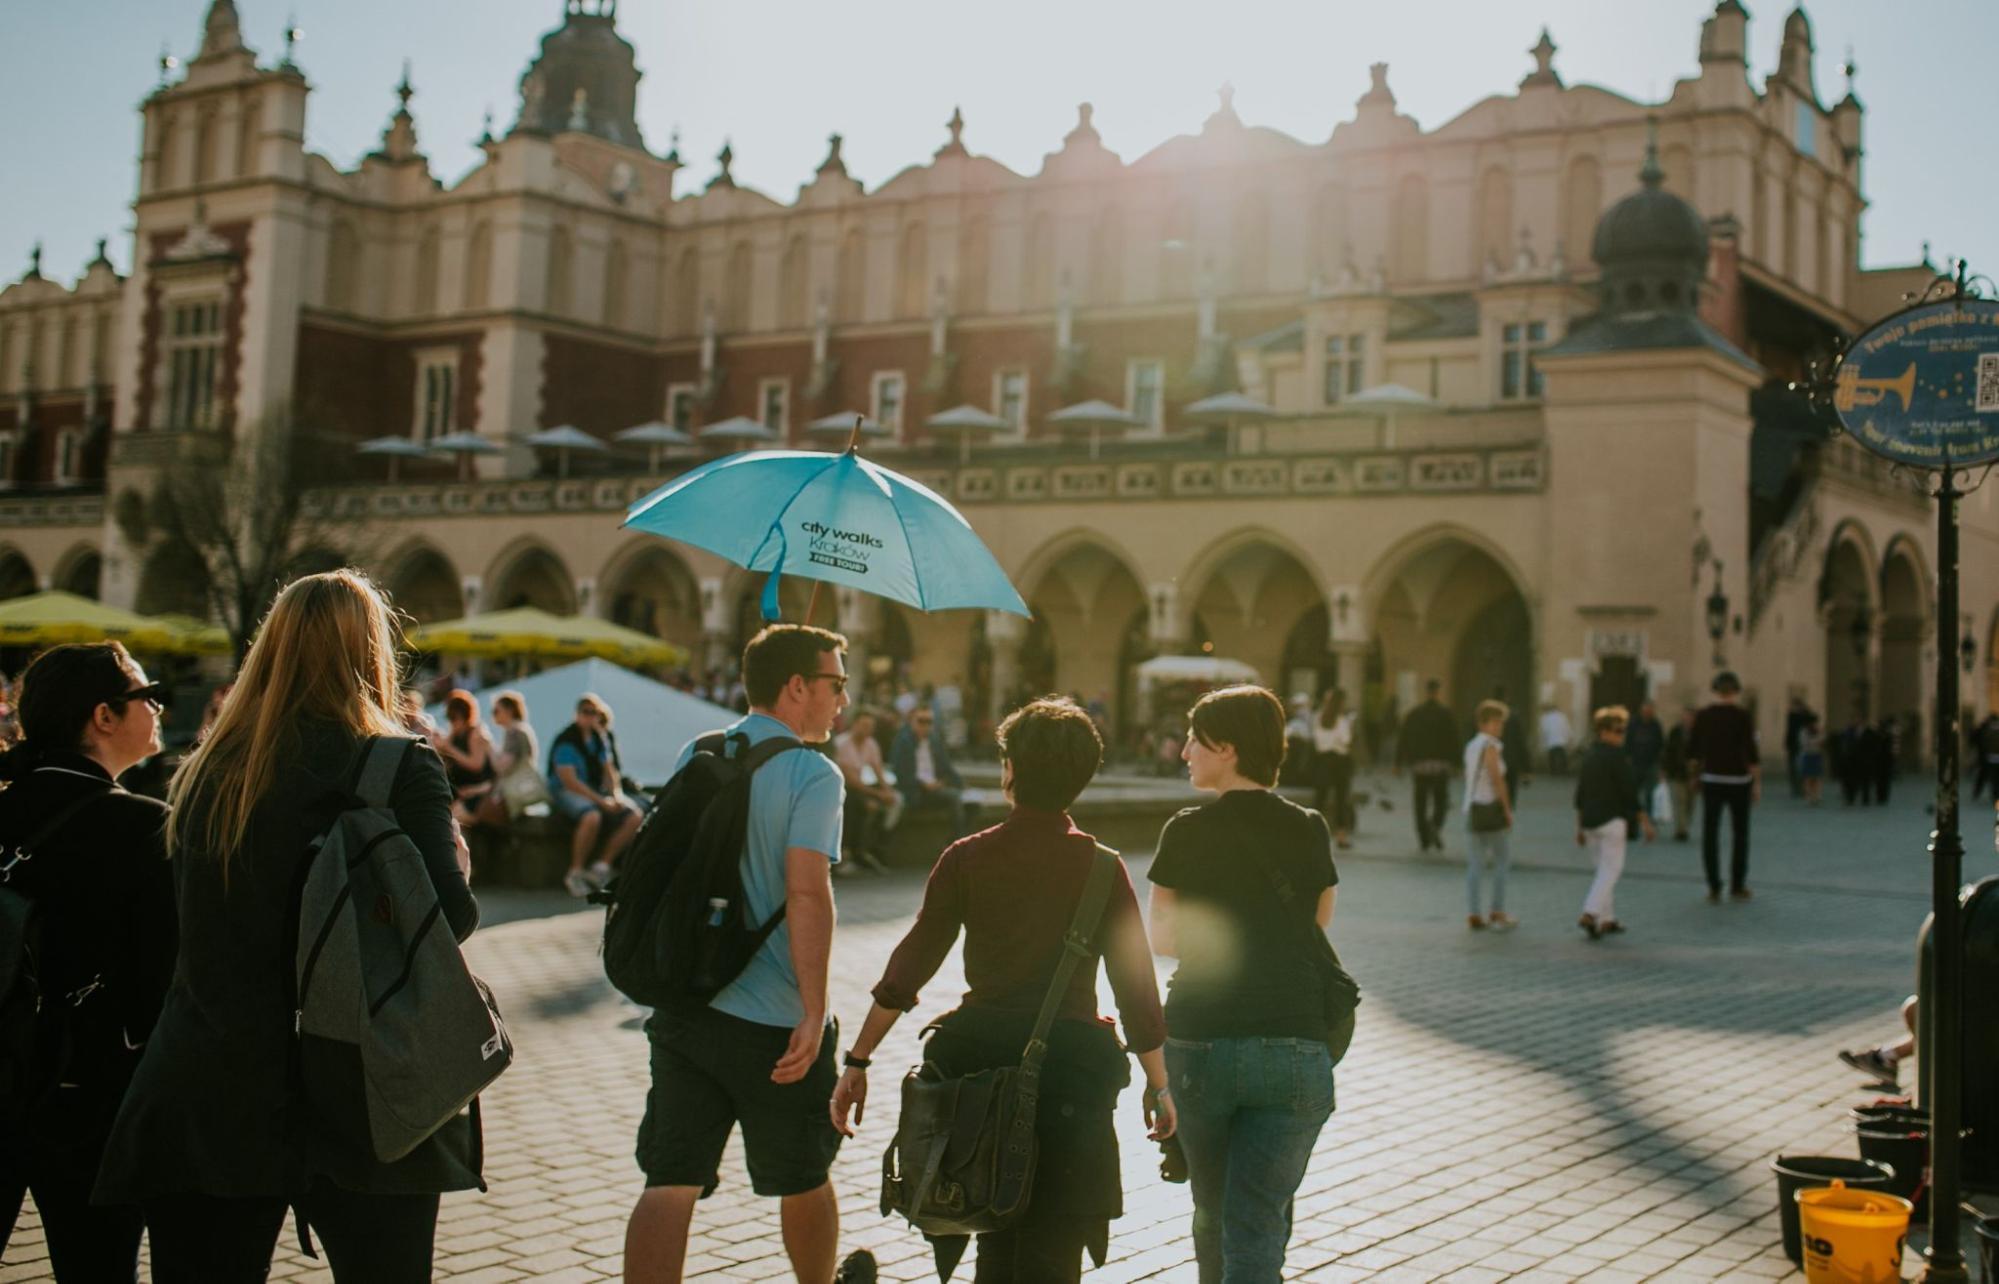 Krakow Old Town Free Walking Tour